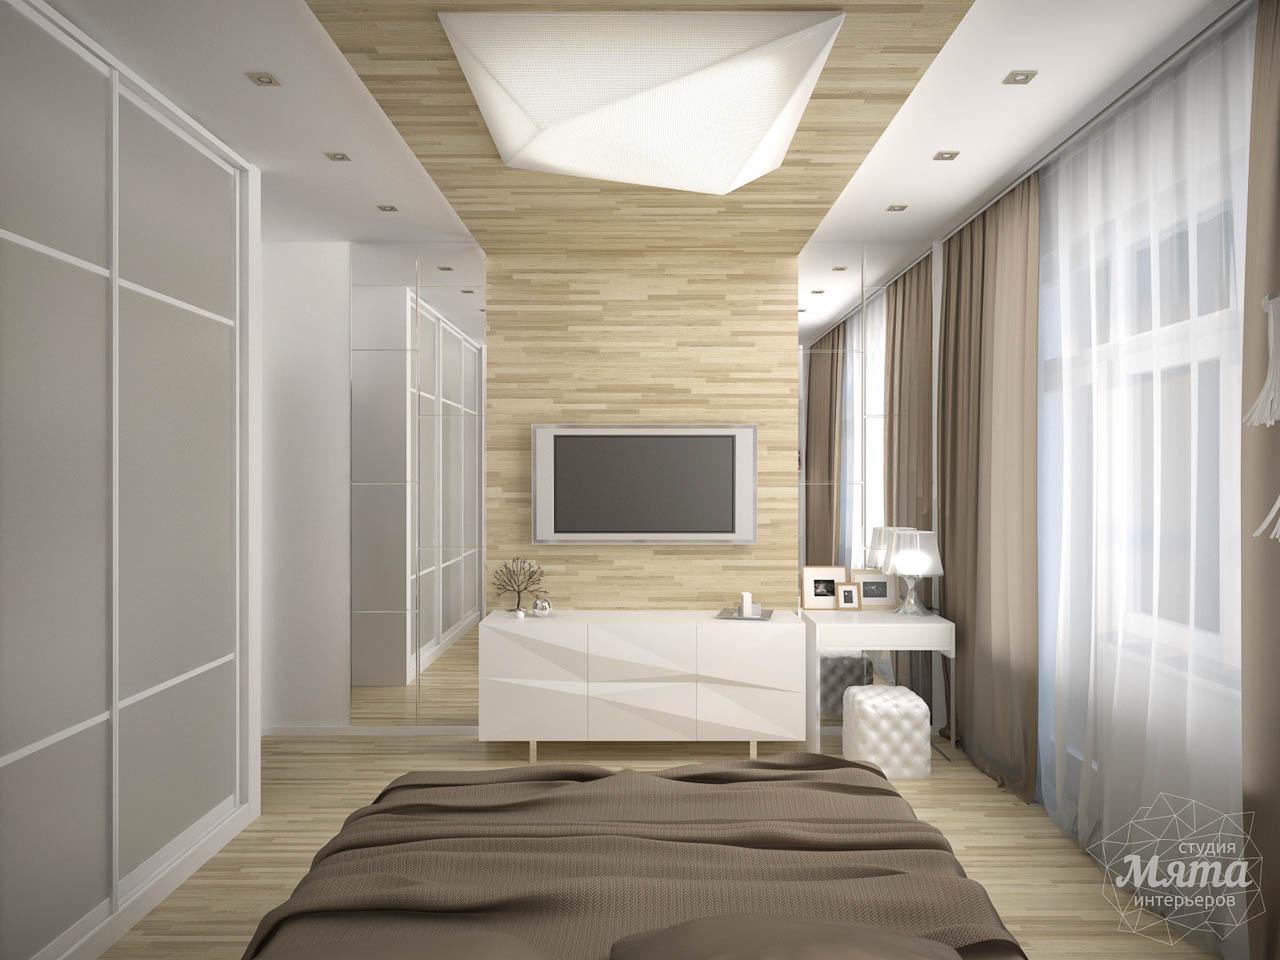 Дизайн интерьера трехкомнатной квартиры по ул. Папанина 18 img689271571